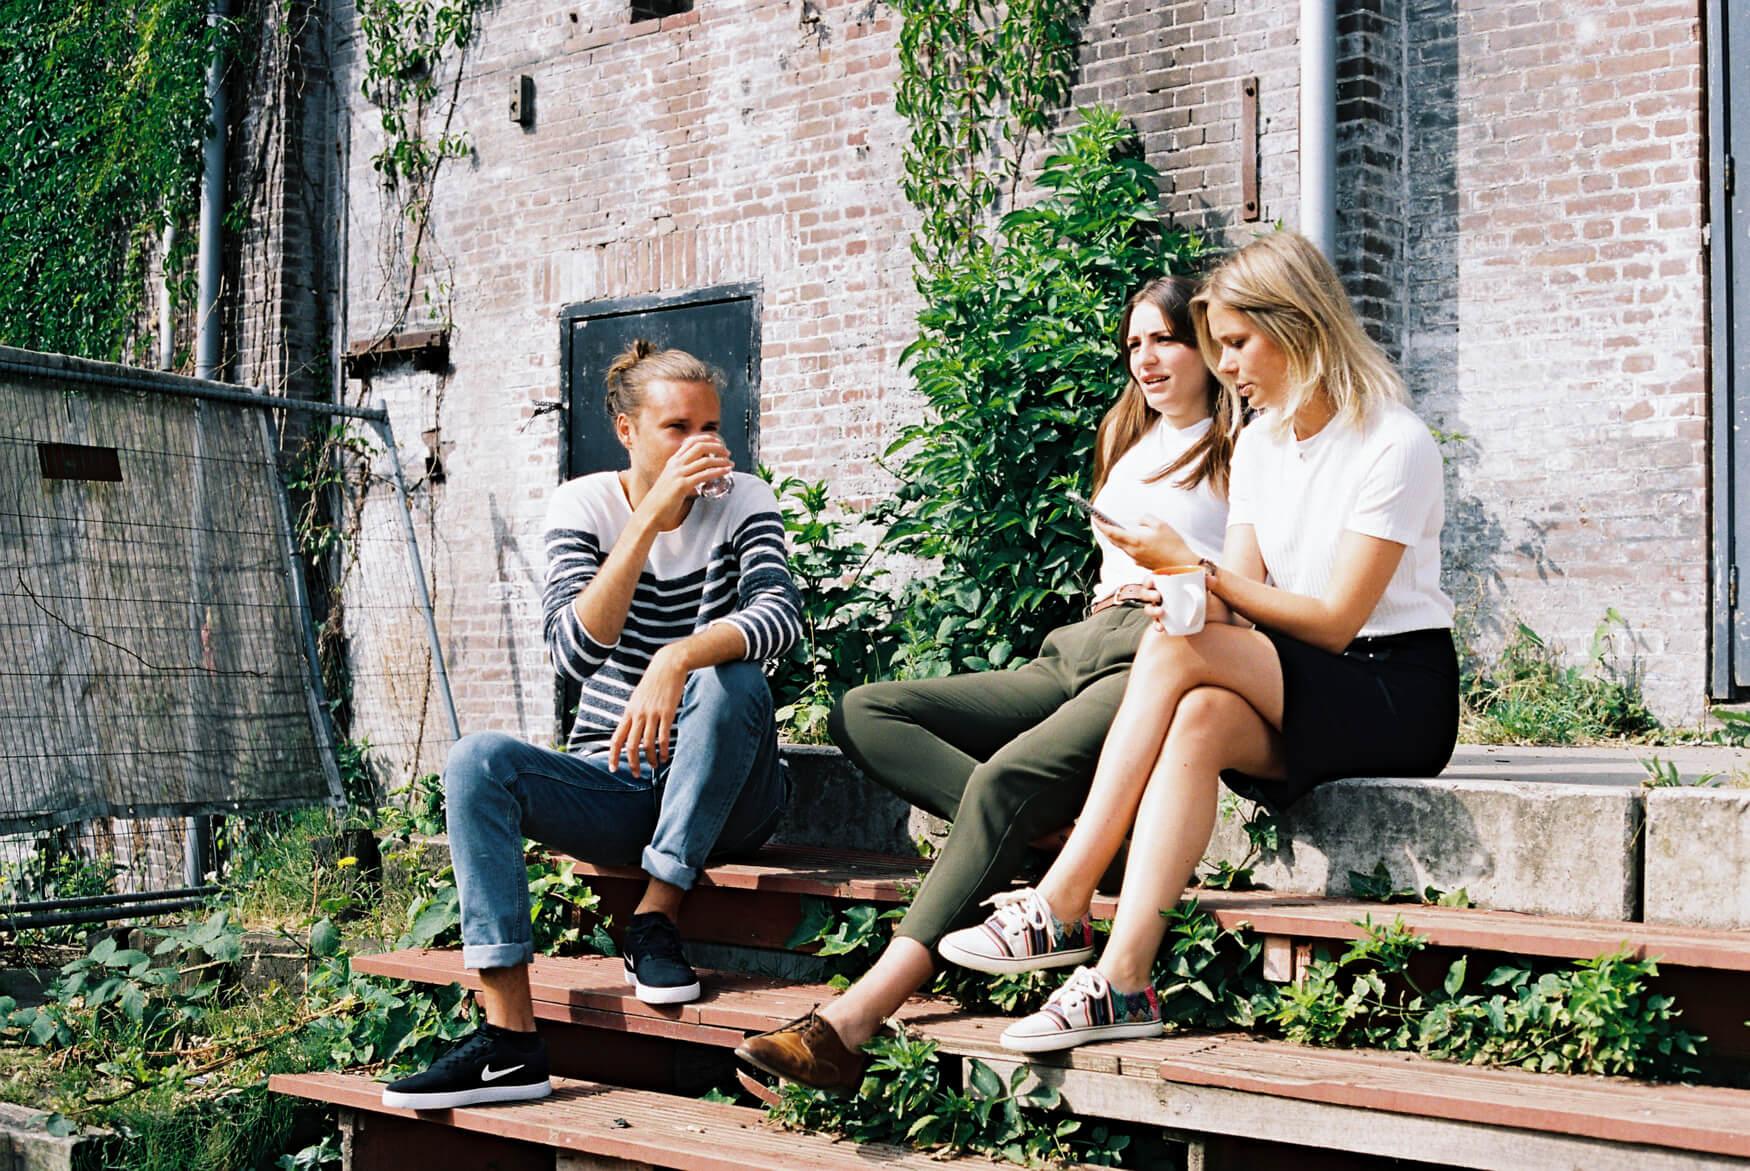 3 jóvenes sentados en las escaleras tomando café